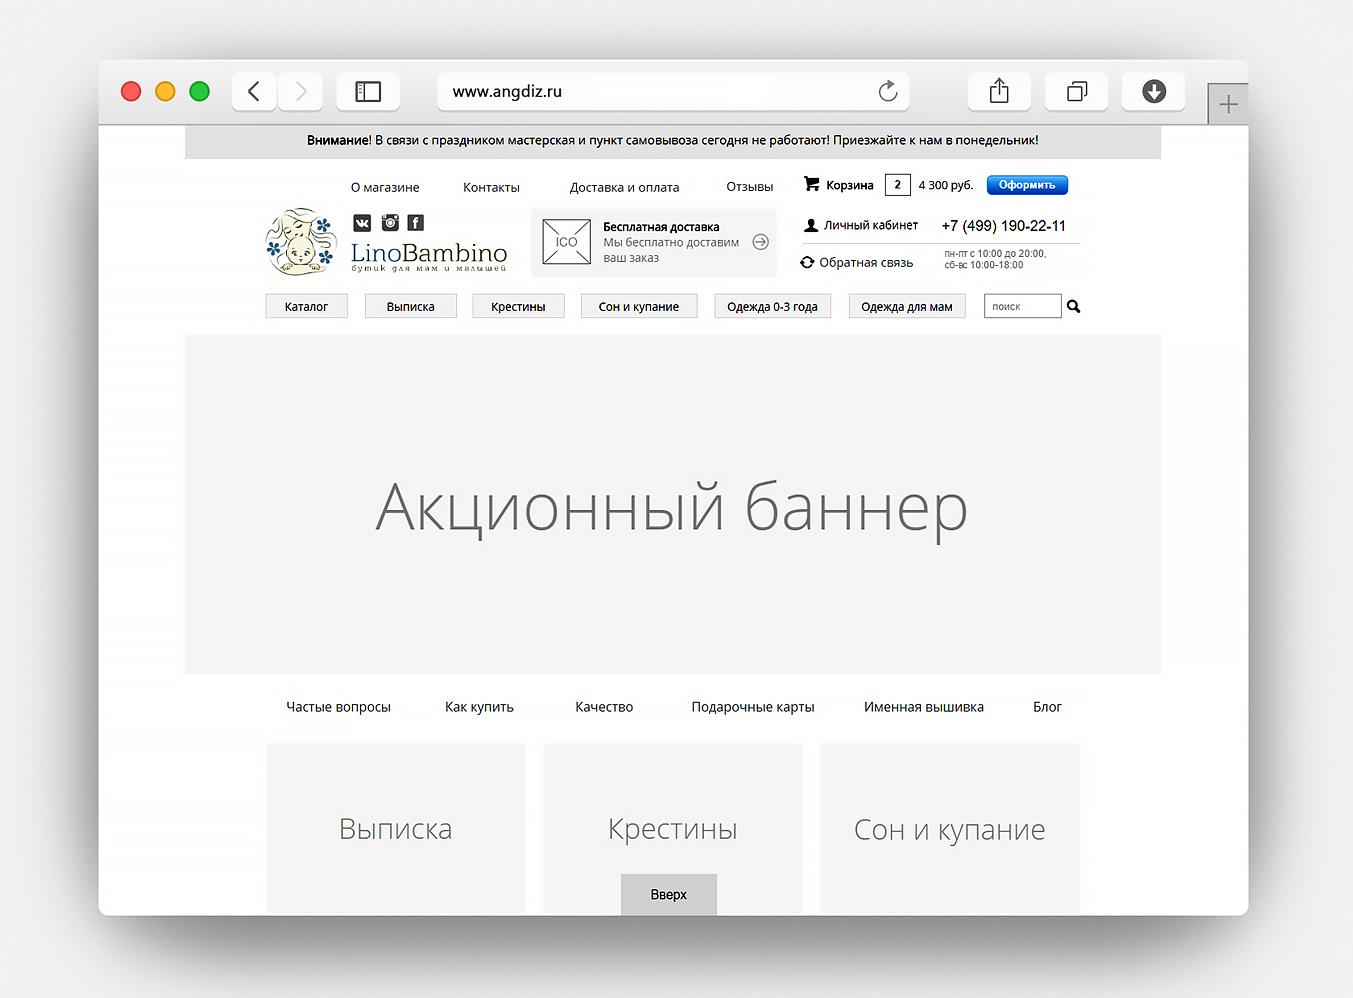 Интерактивный прототип интернет-магазина